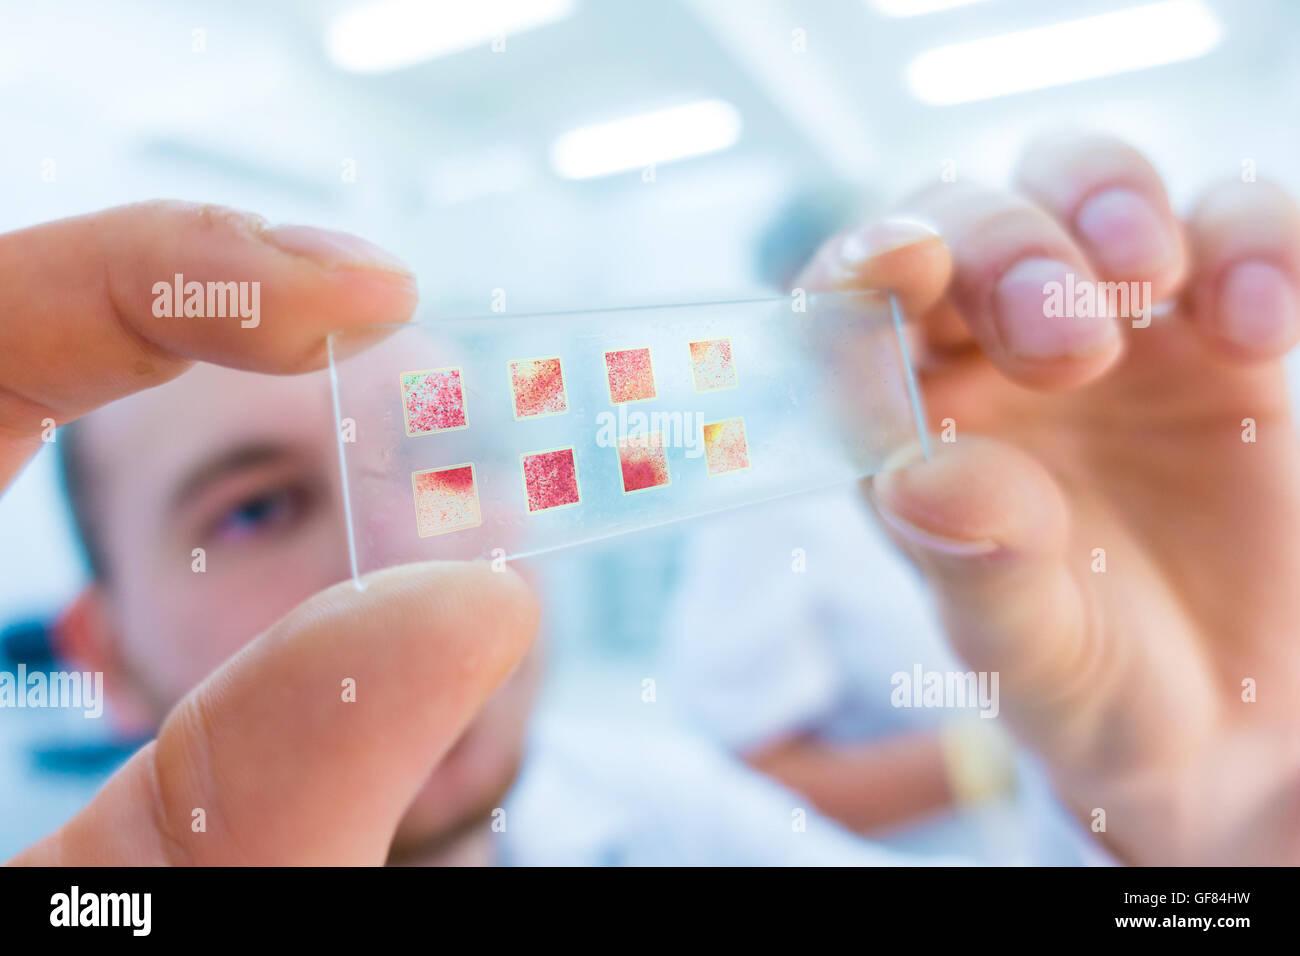 Close-up de científico manos con portaobjetos de microscopio, examinando muestras Imagen De Stock